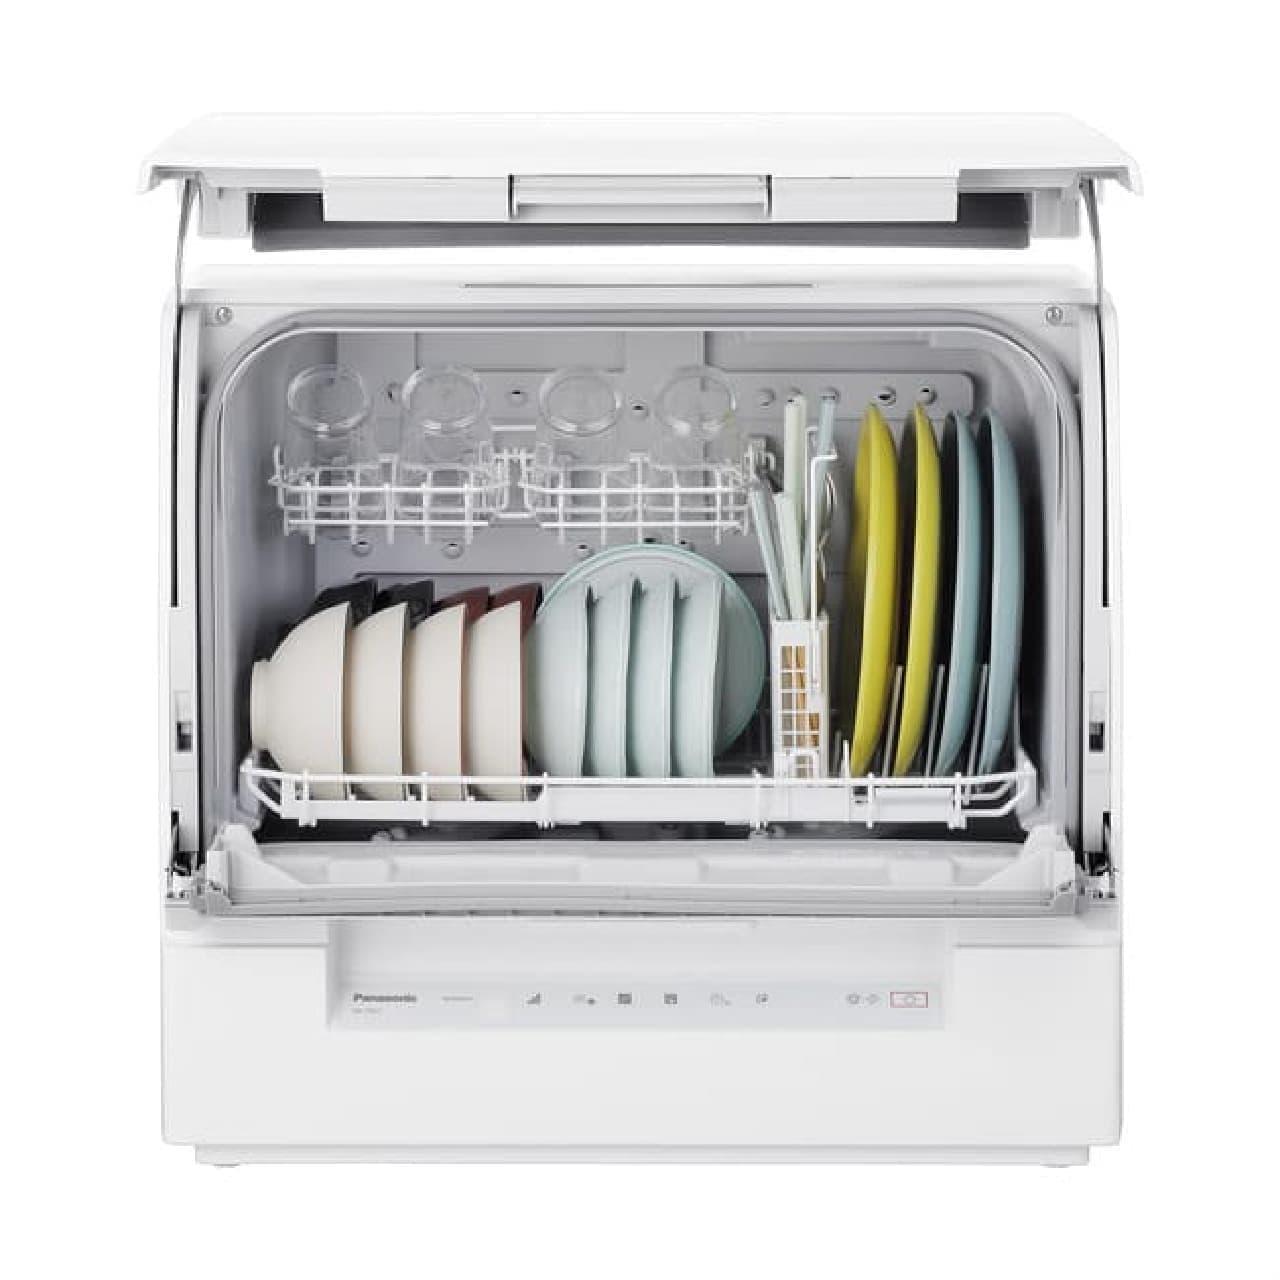 パナソニック「スリム食洗機」NP-TSK1 -- 奥行約29cmで省スペース・4人分食器洗いも